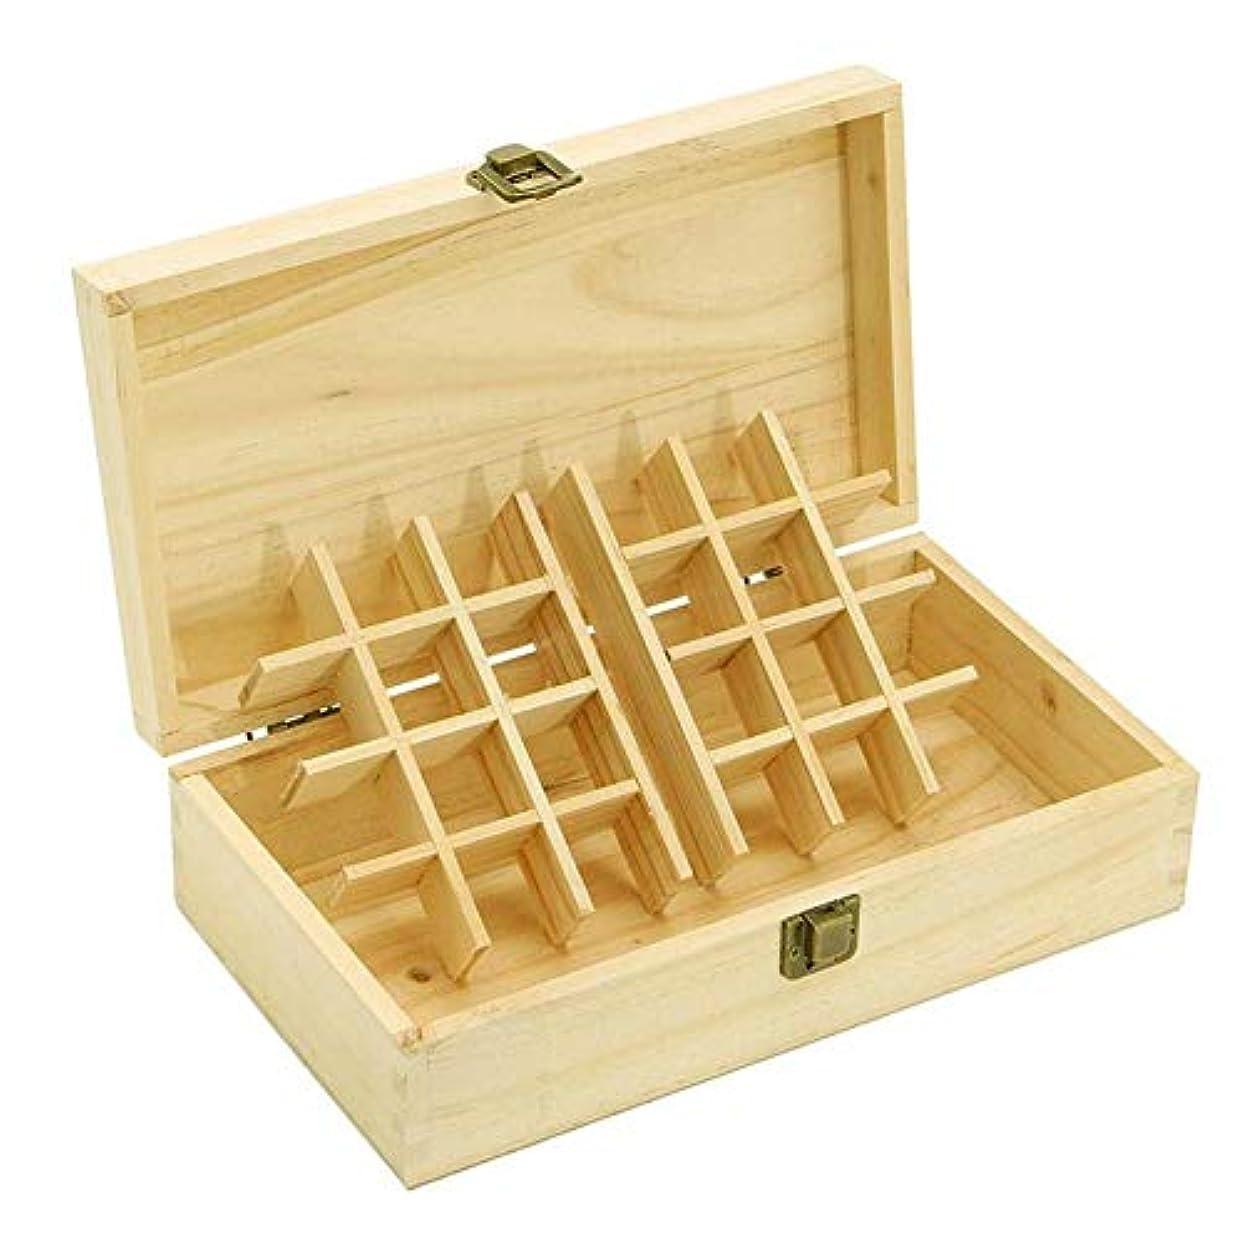 はっきりと見込み蒸発するエッセンシャルオイル収納ボックス 純木の精油の収納箱 香水収納ケース アロマオイル収納ボックス